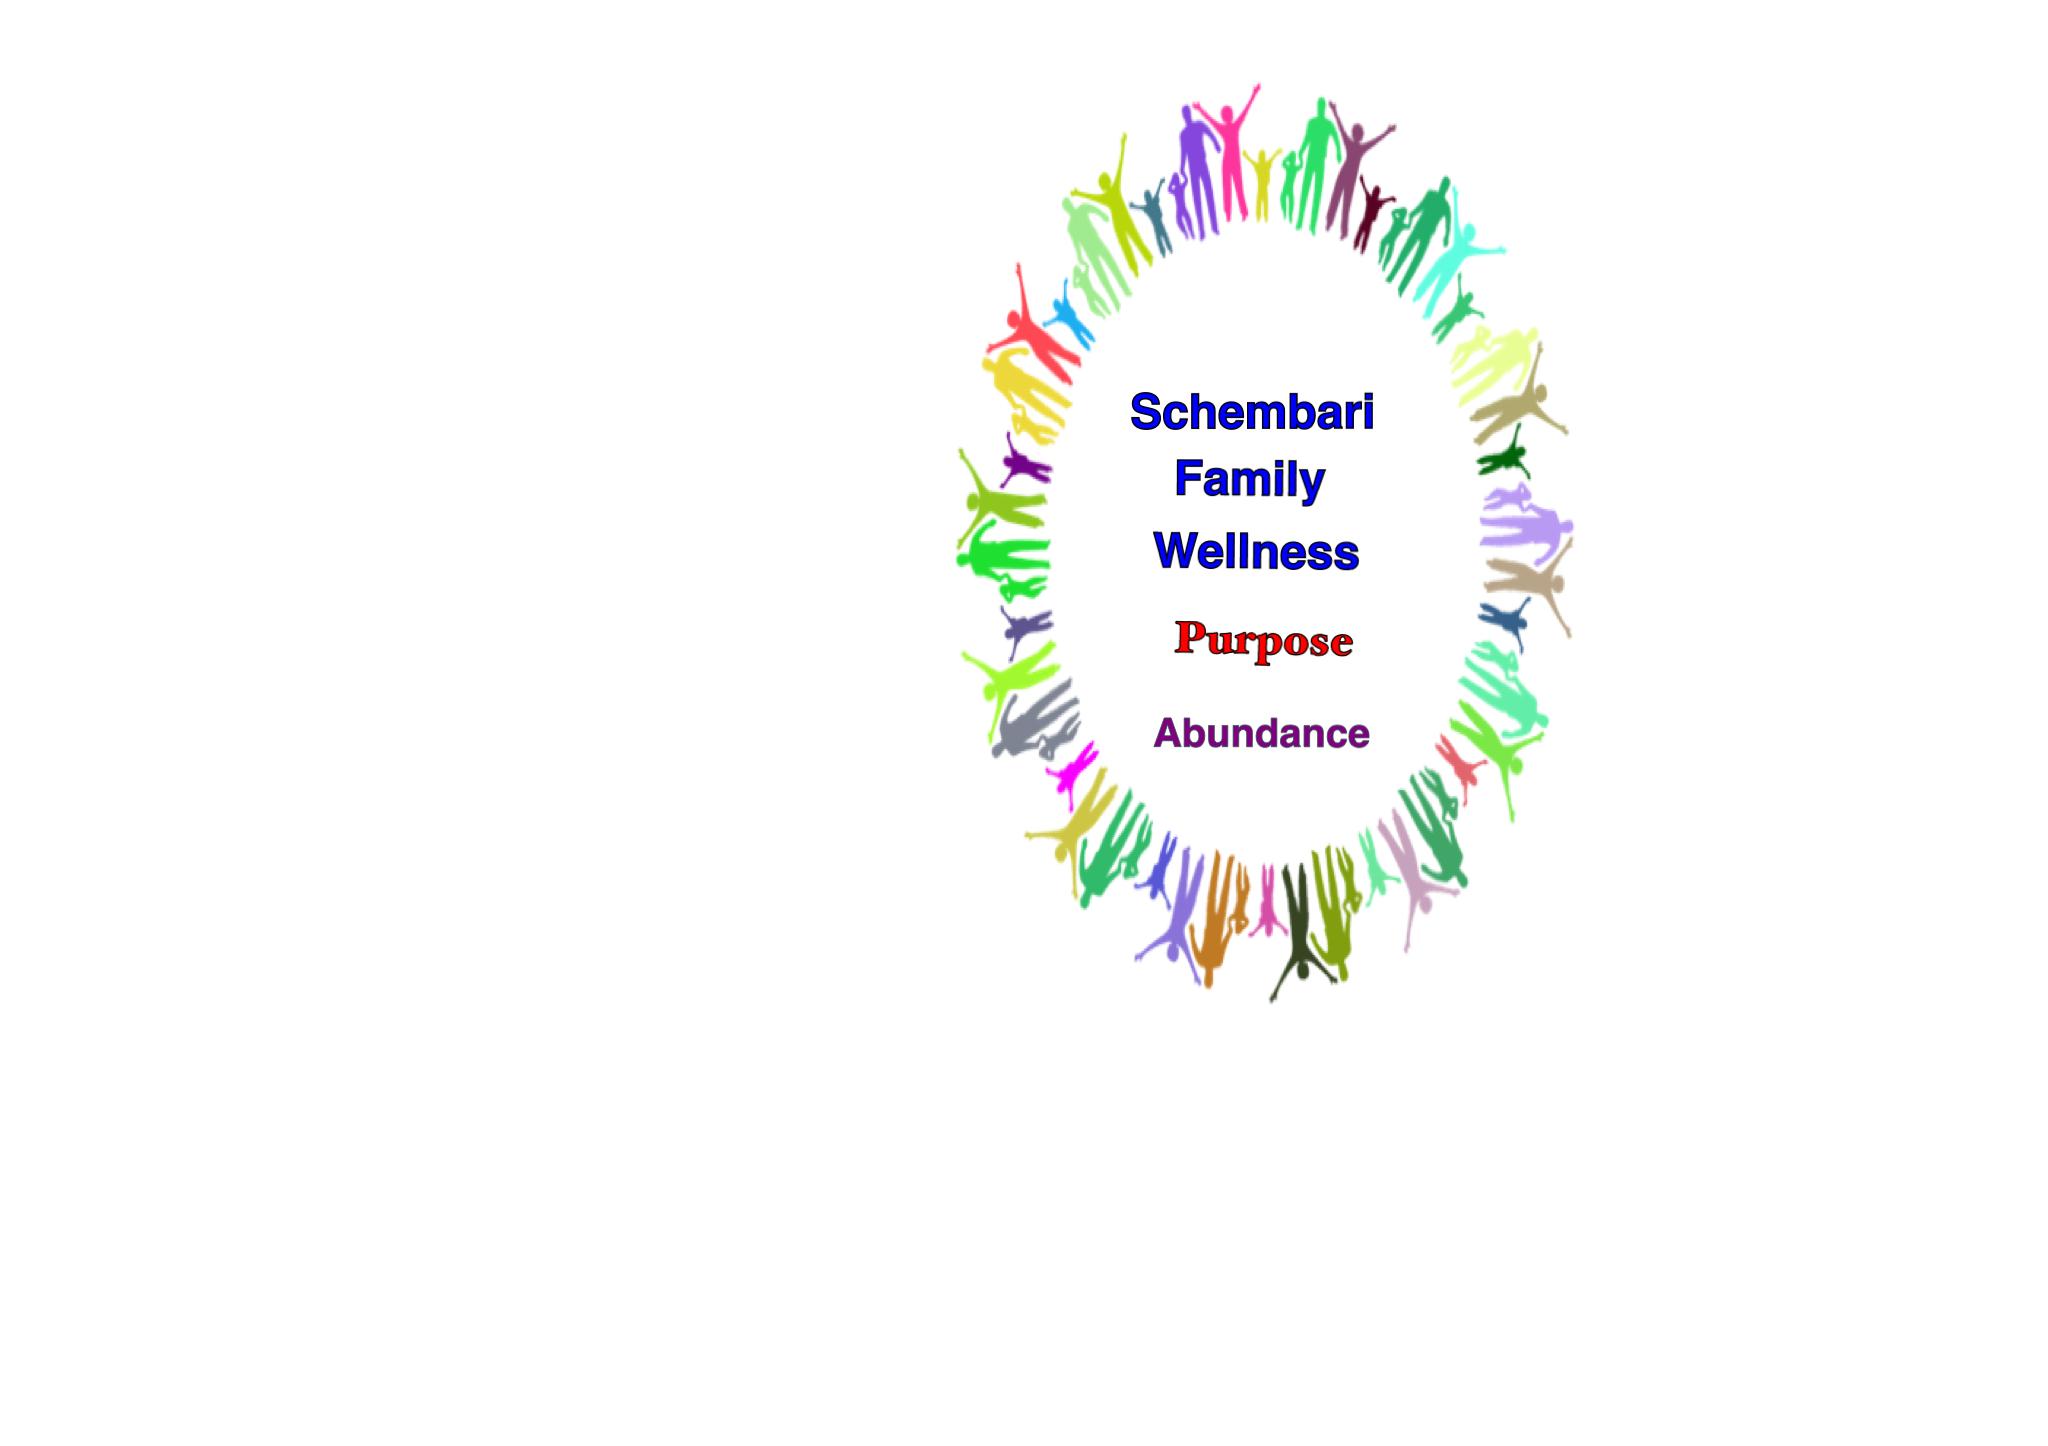 Schembari Family Wellness Purpose Abundance